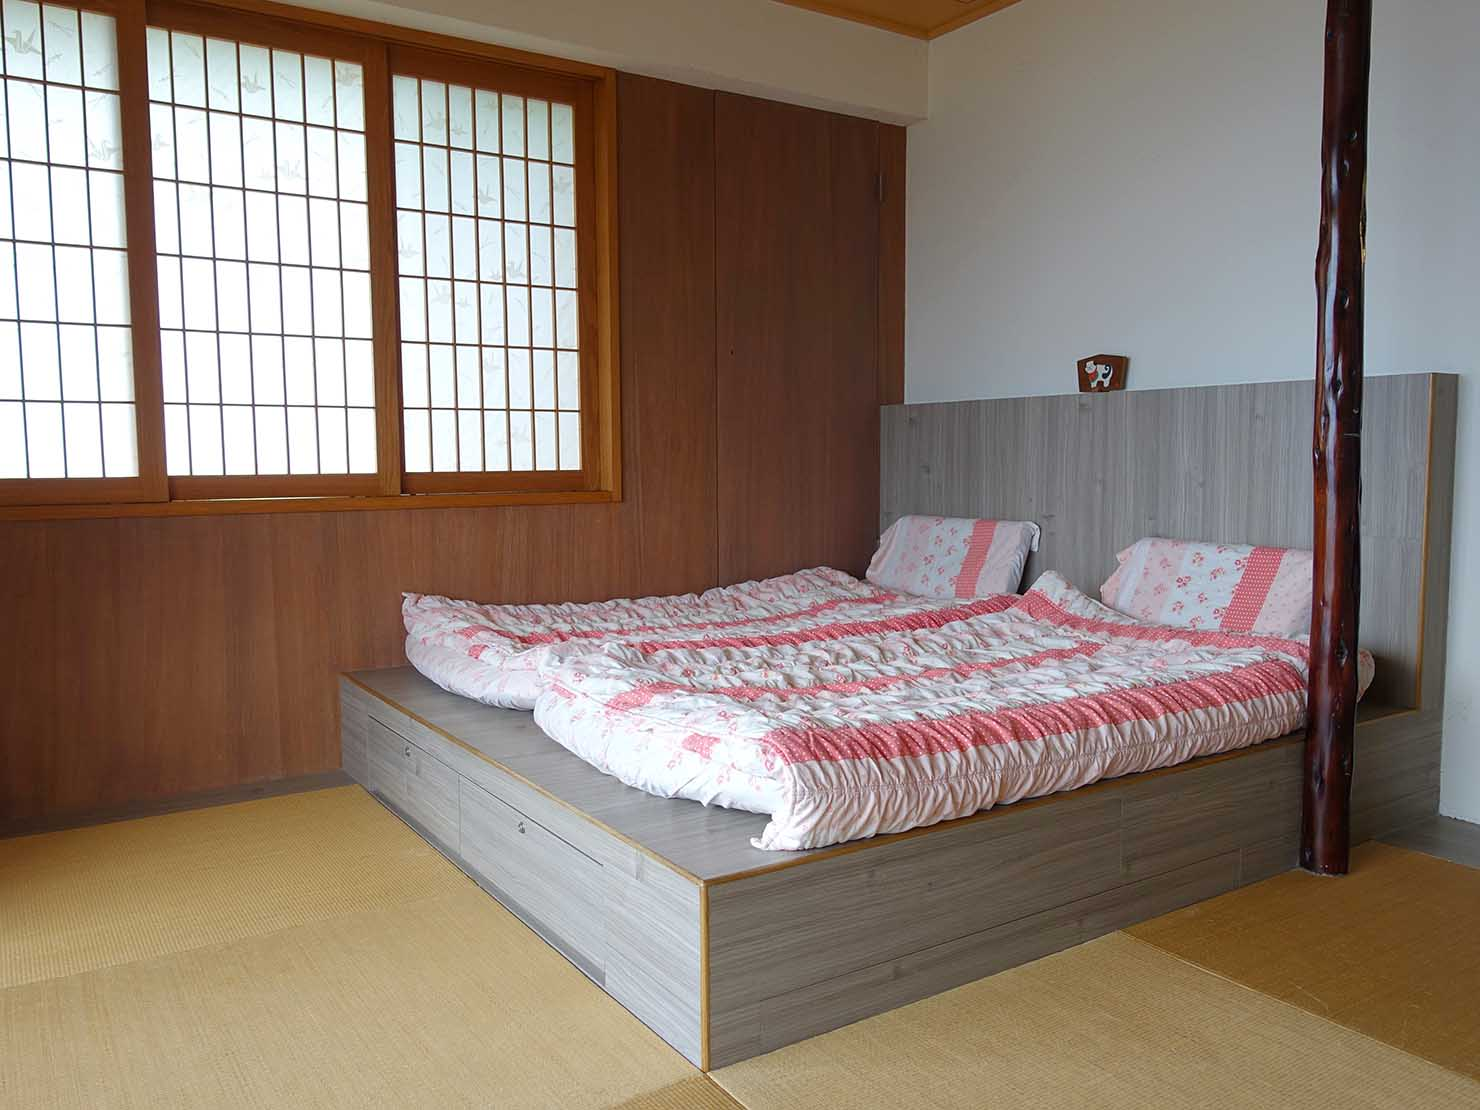 台北・九份のおすすめゲストハウス「九份小町」海景套房(オーシャンビュー・ダブルルーム)のベッド